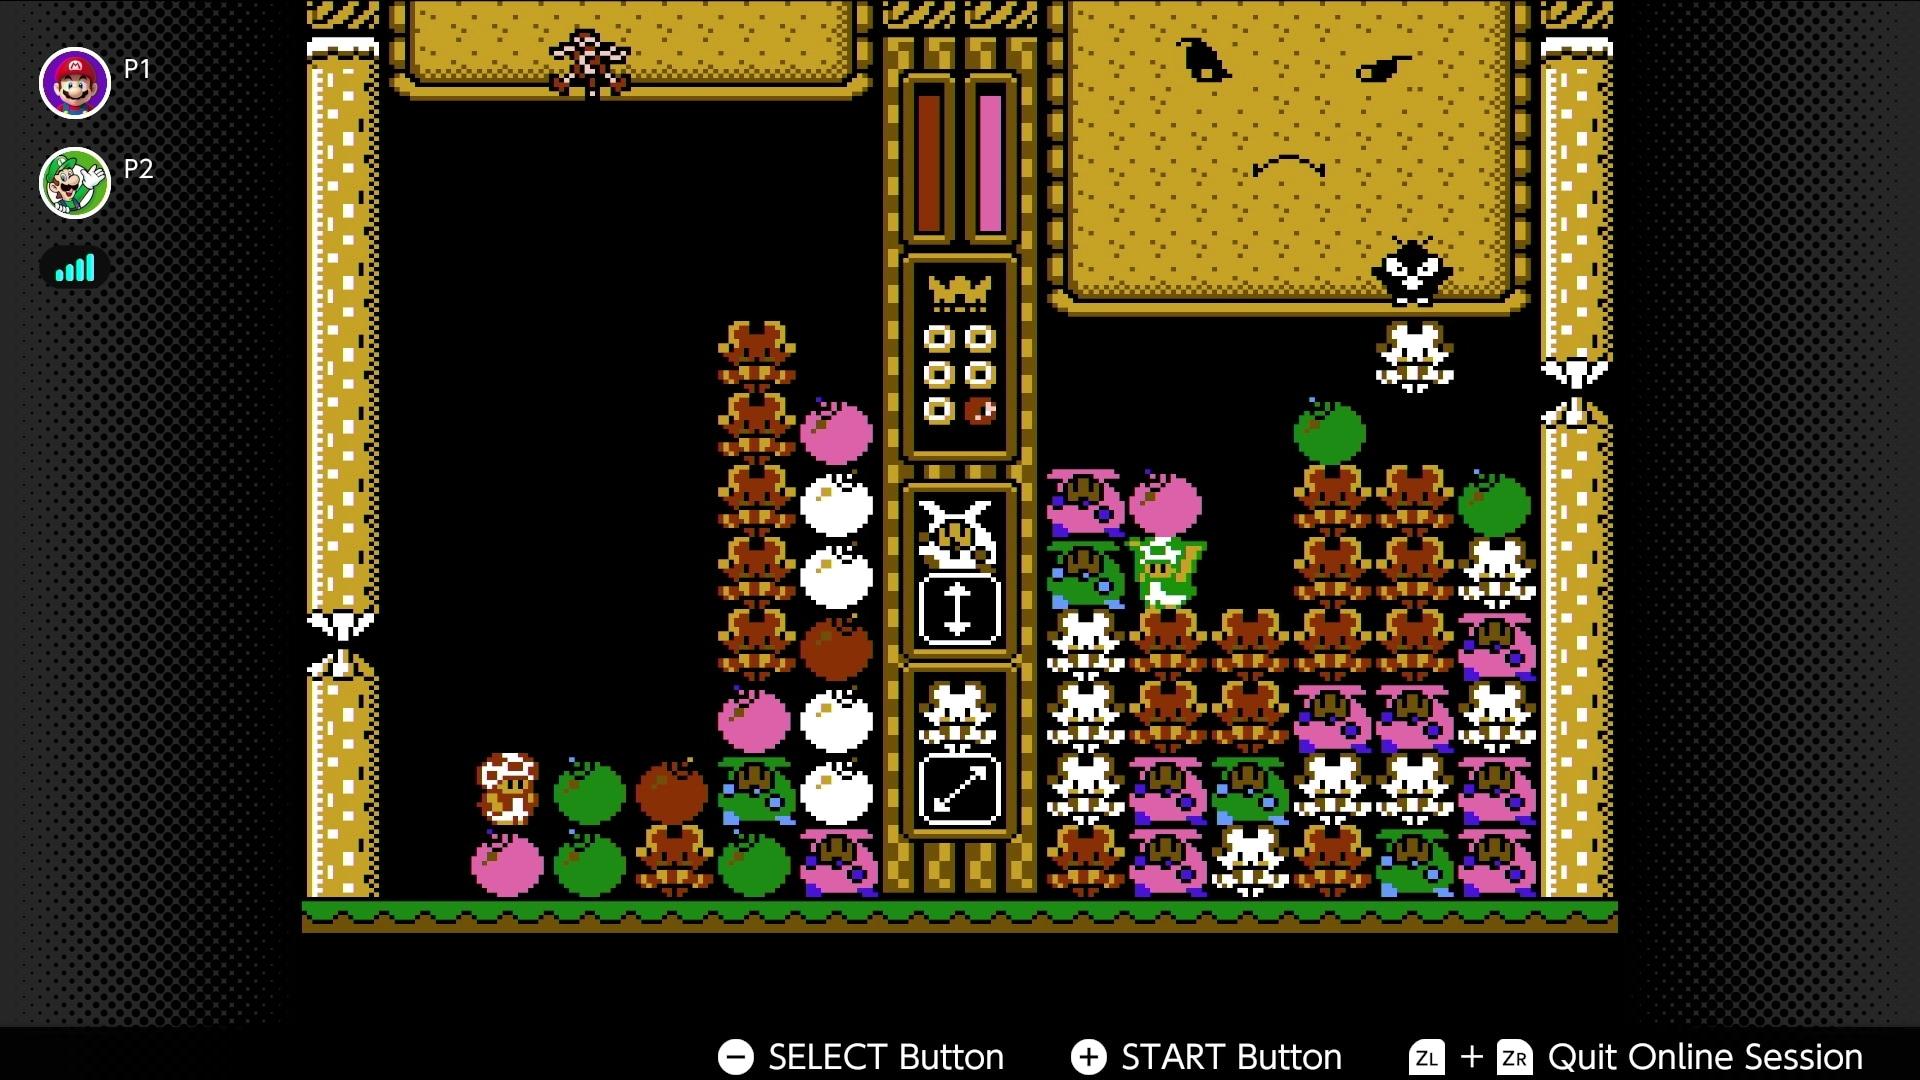 Switch_NSO-NES_Dec_SCRN_01